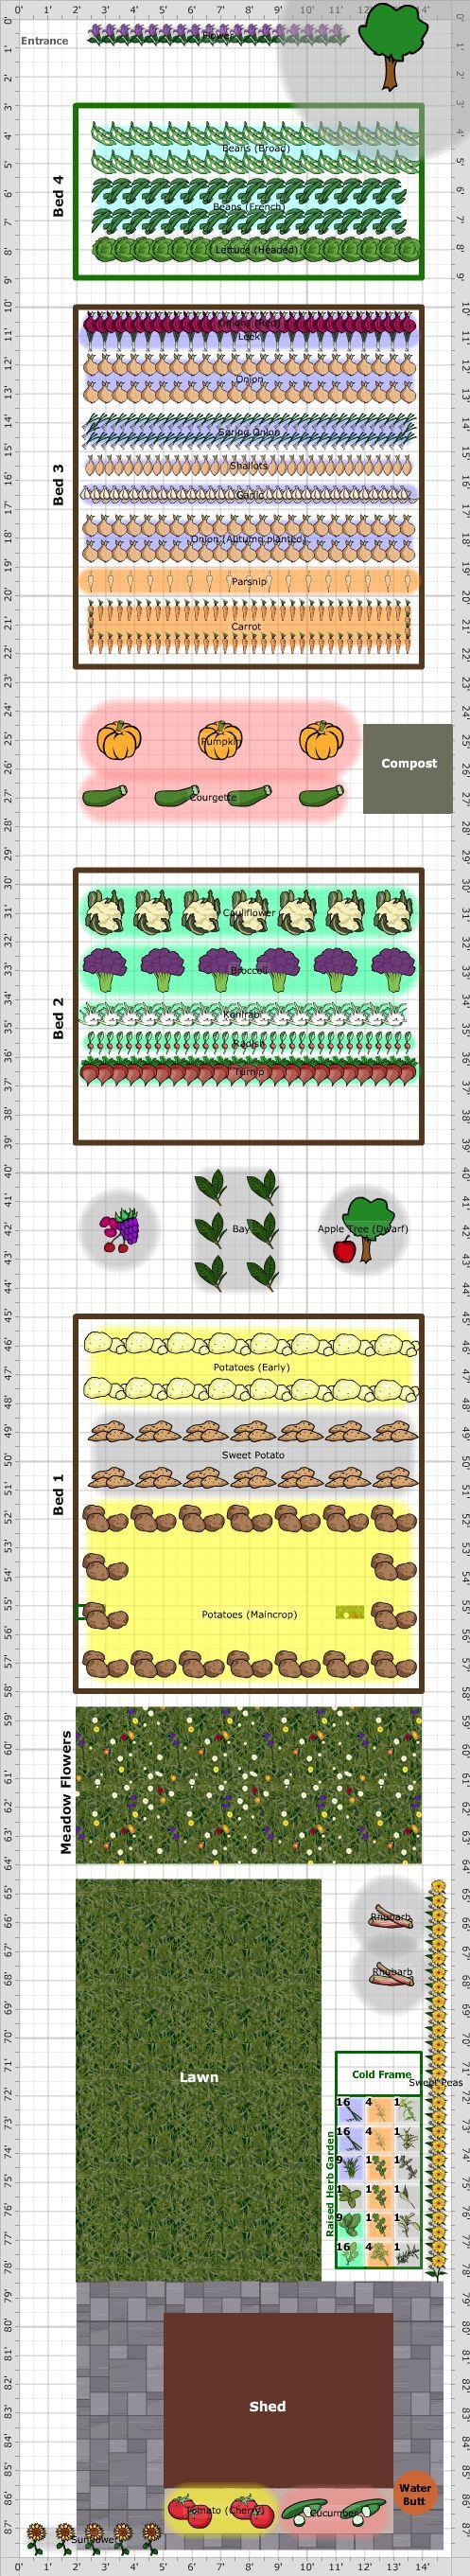 Garden Plan - 2013: Allotment v1